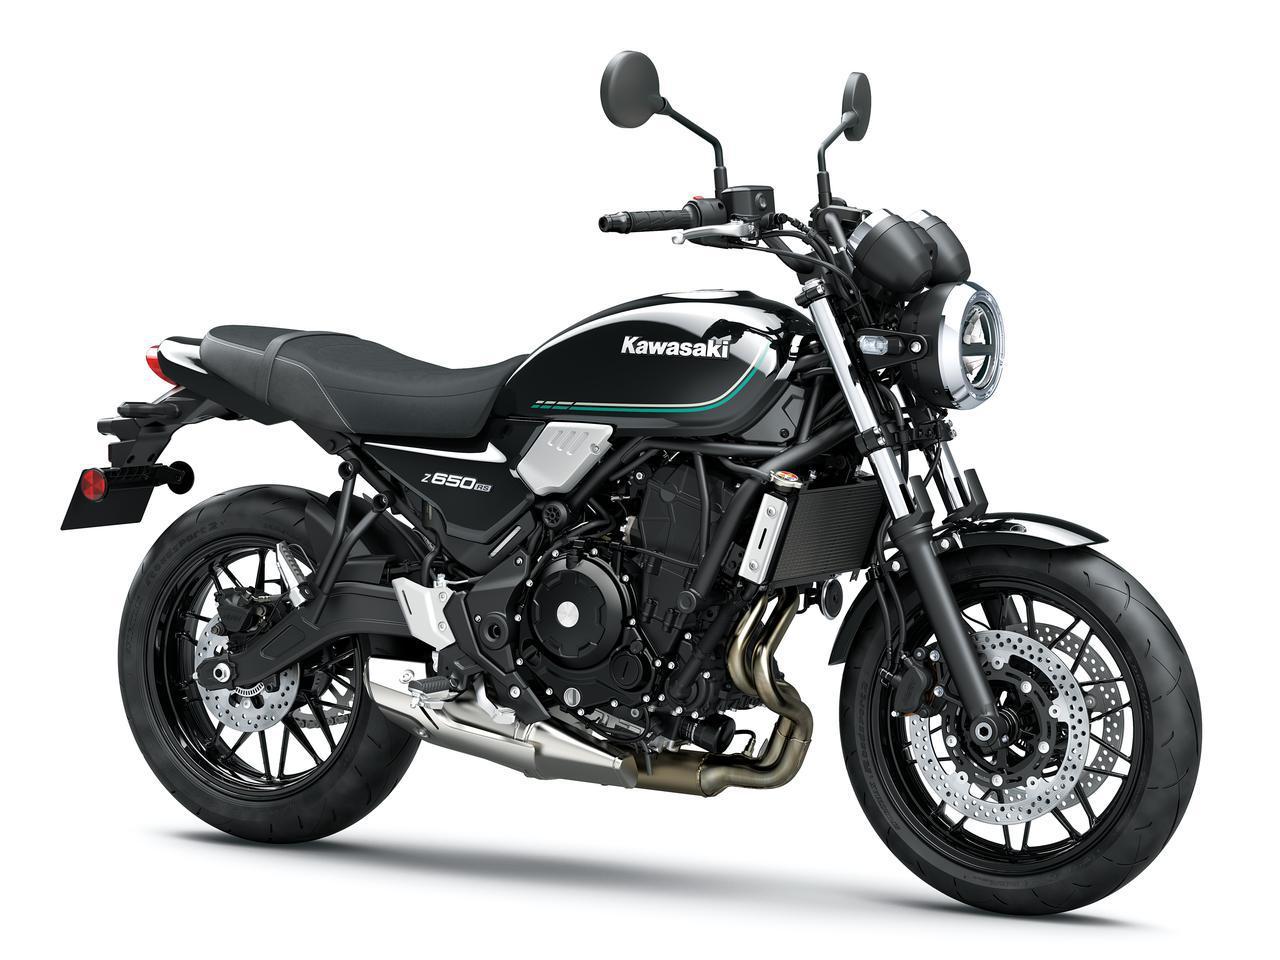 画像1: カワサキ「Z650RS」国内モデルに関する情報|発売時期が明らかに! 日本での販売価格も予想【2022速報】